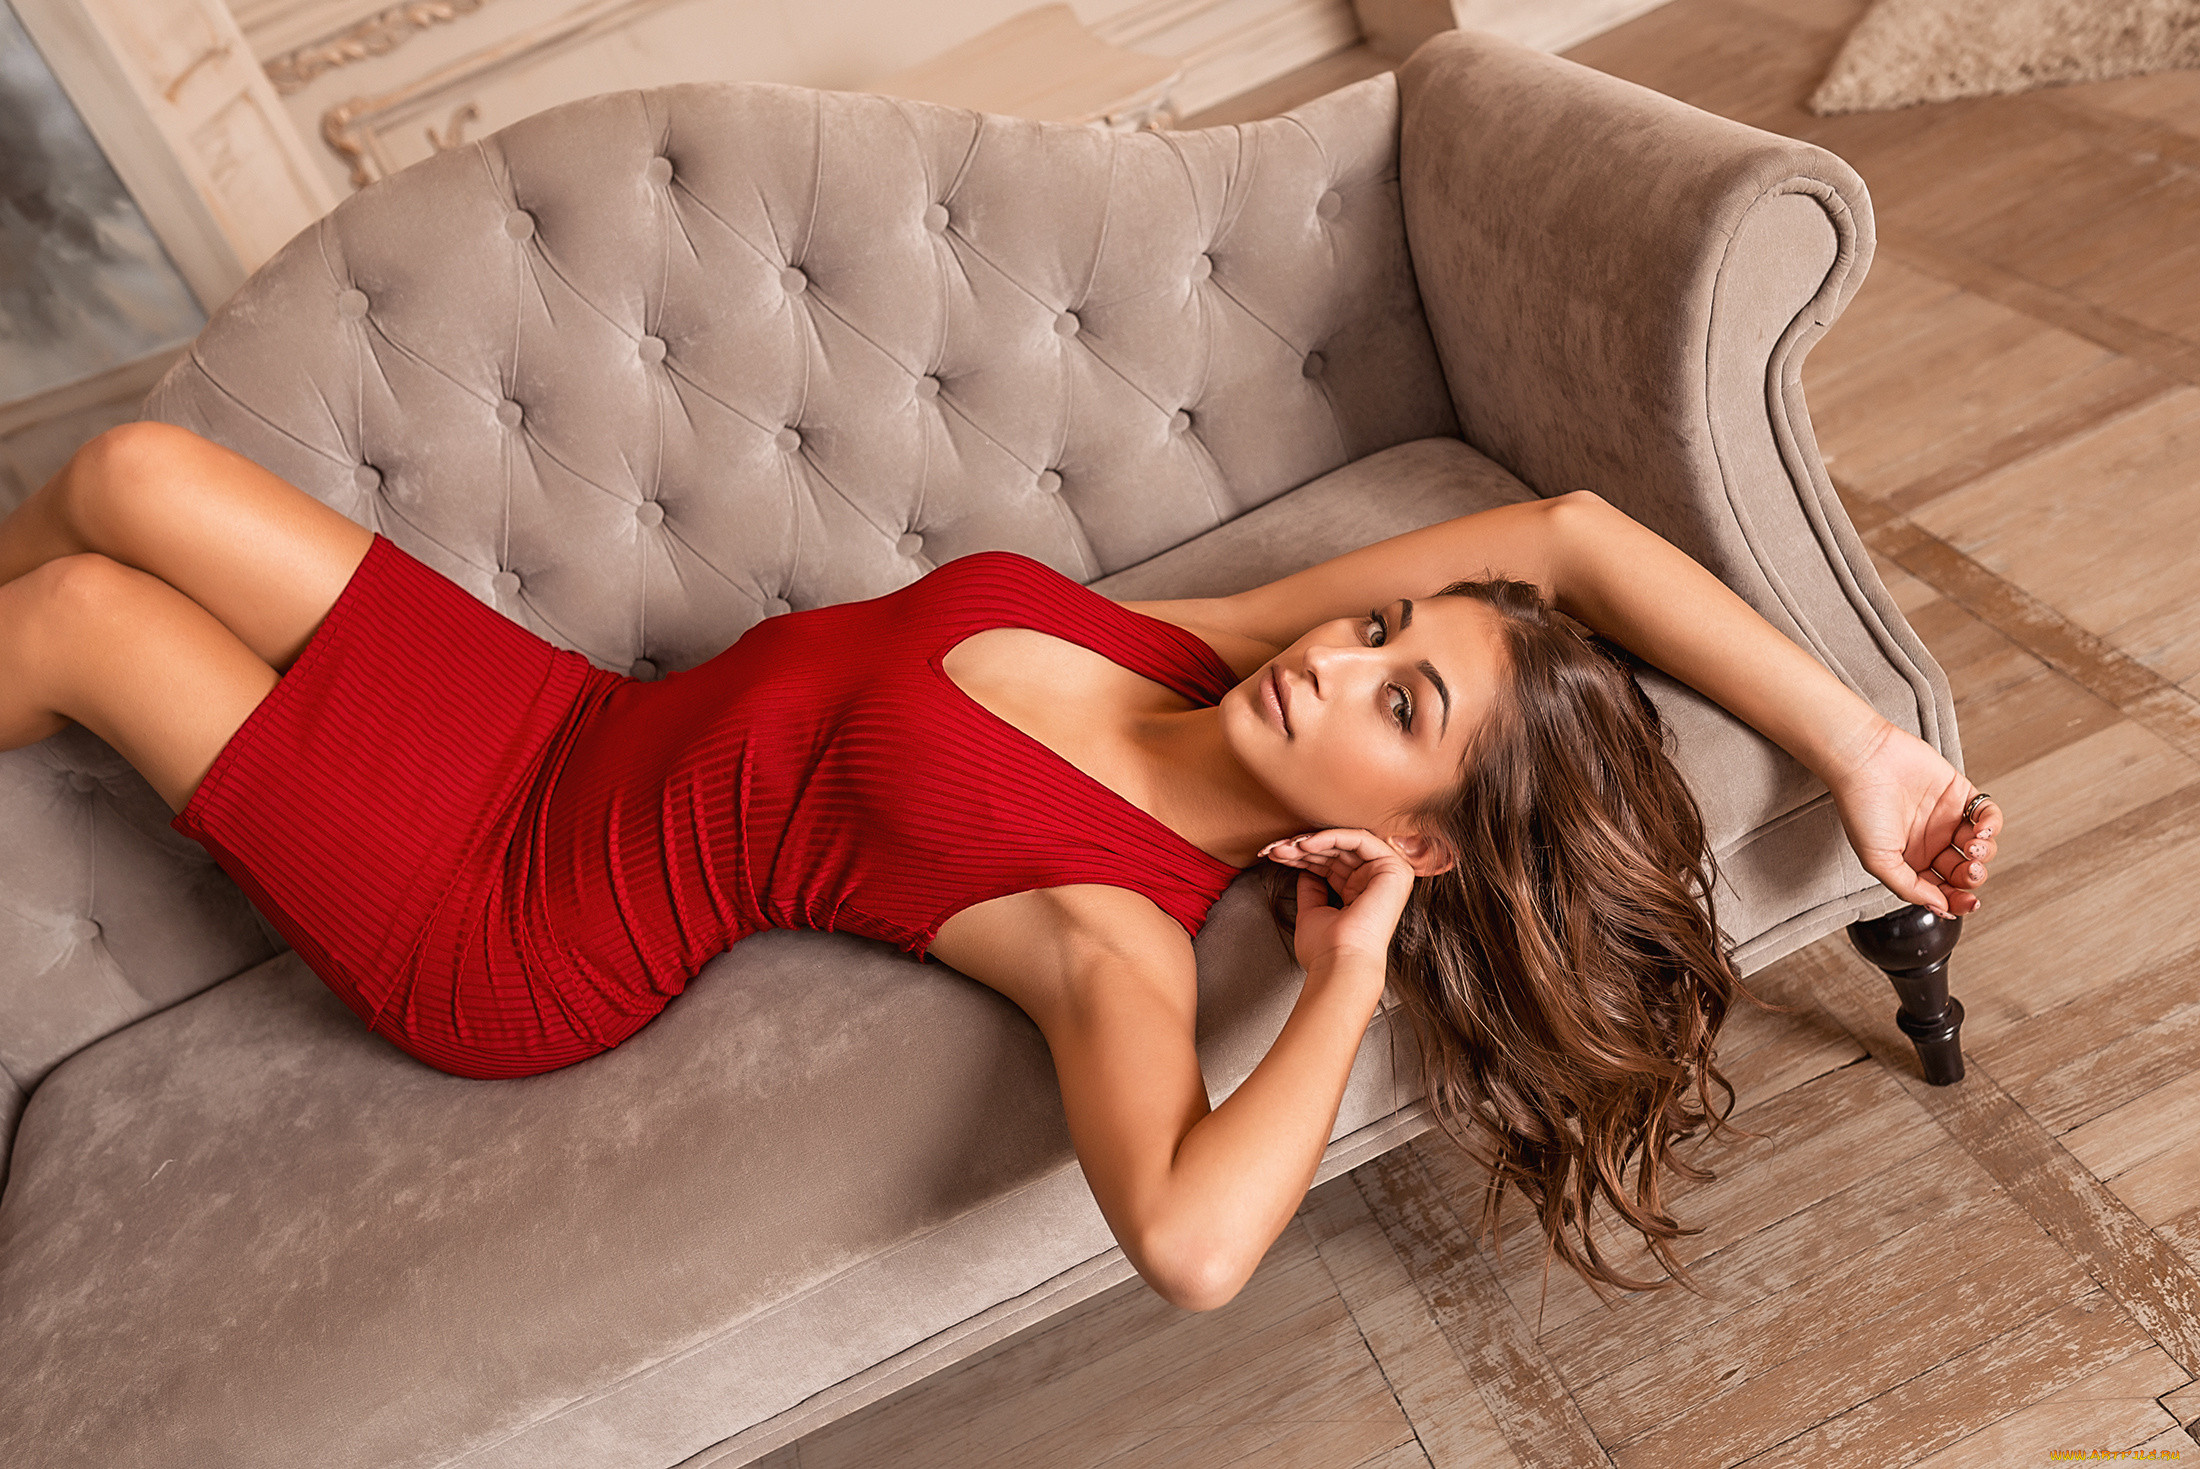 Эро фото девушек на красном диване, скрытая мини камера в женском туалете пляжи видео смотреть